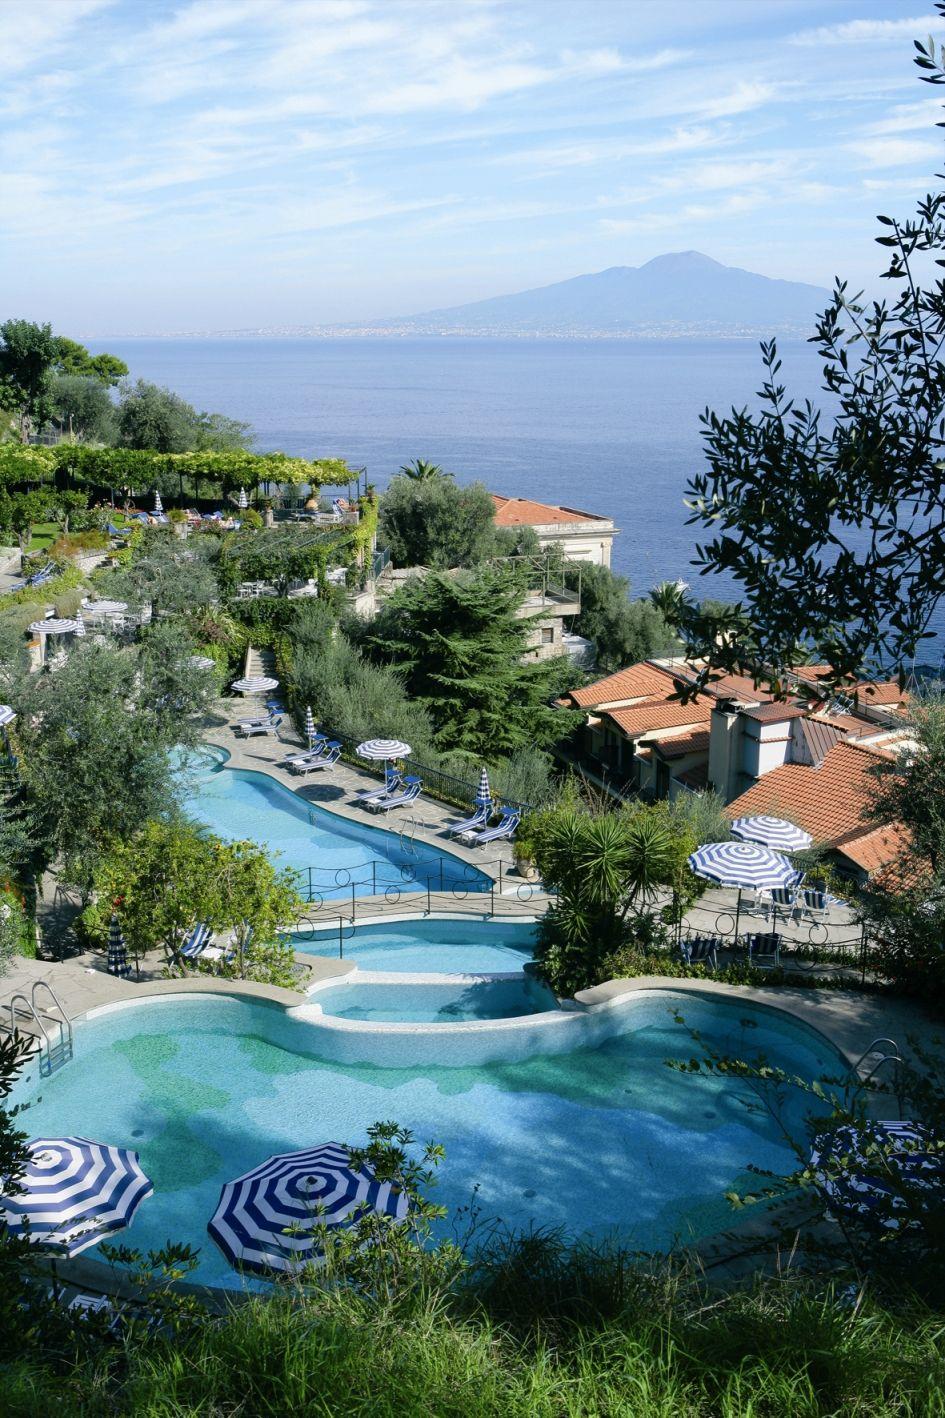 Grande Hotel Capodimonte Sorrento Places Visited